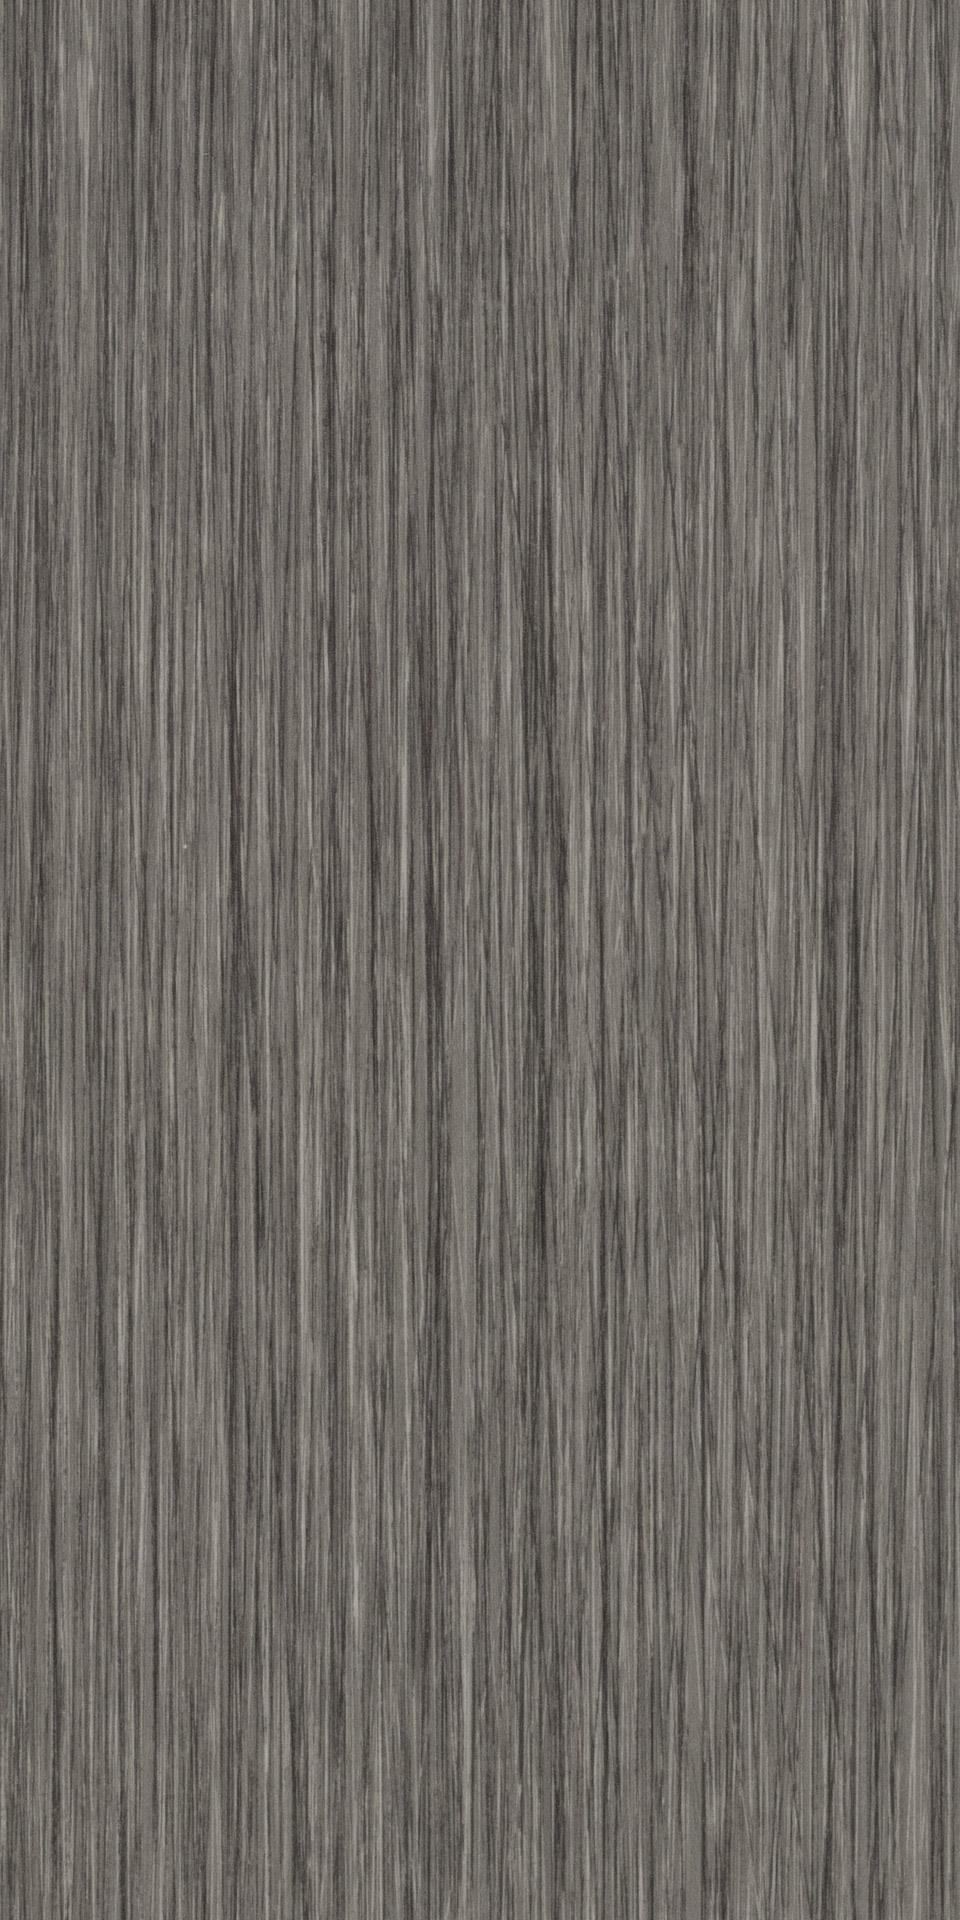 Recover Green Vorwerk forbo allura click wood grey seagrass klick vinylboden bodenheld24 de ihr shop für